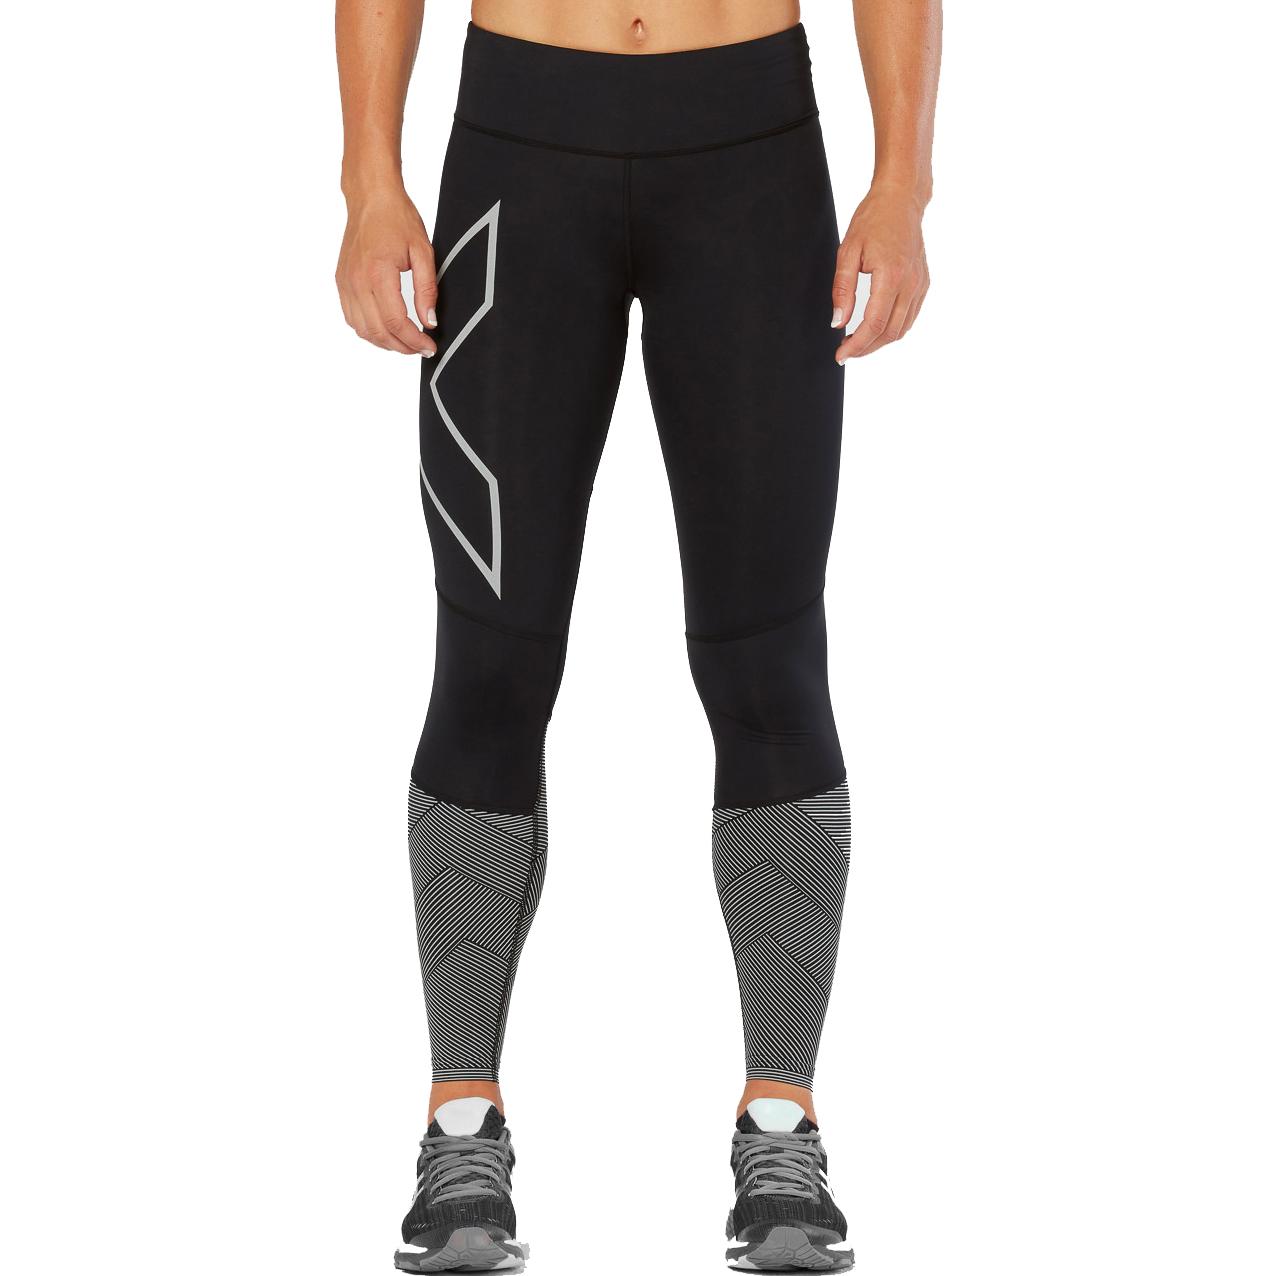 85aa082d59b14d 2XU Women's Midrise Reflect Compression Tights | Womens Fitness ...